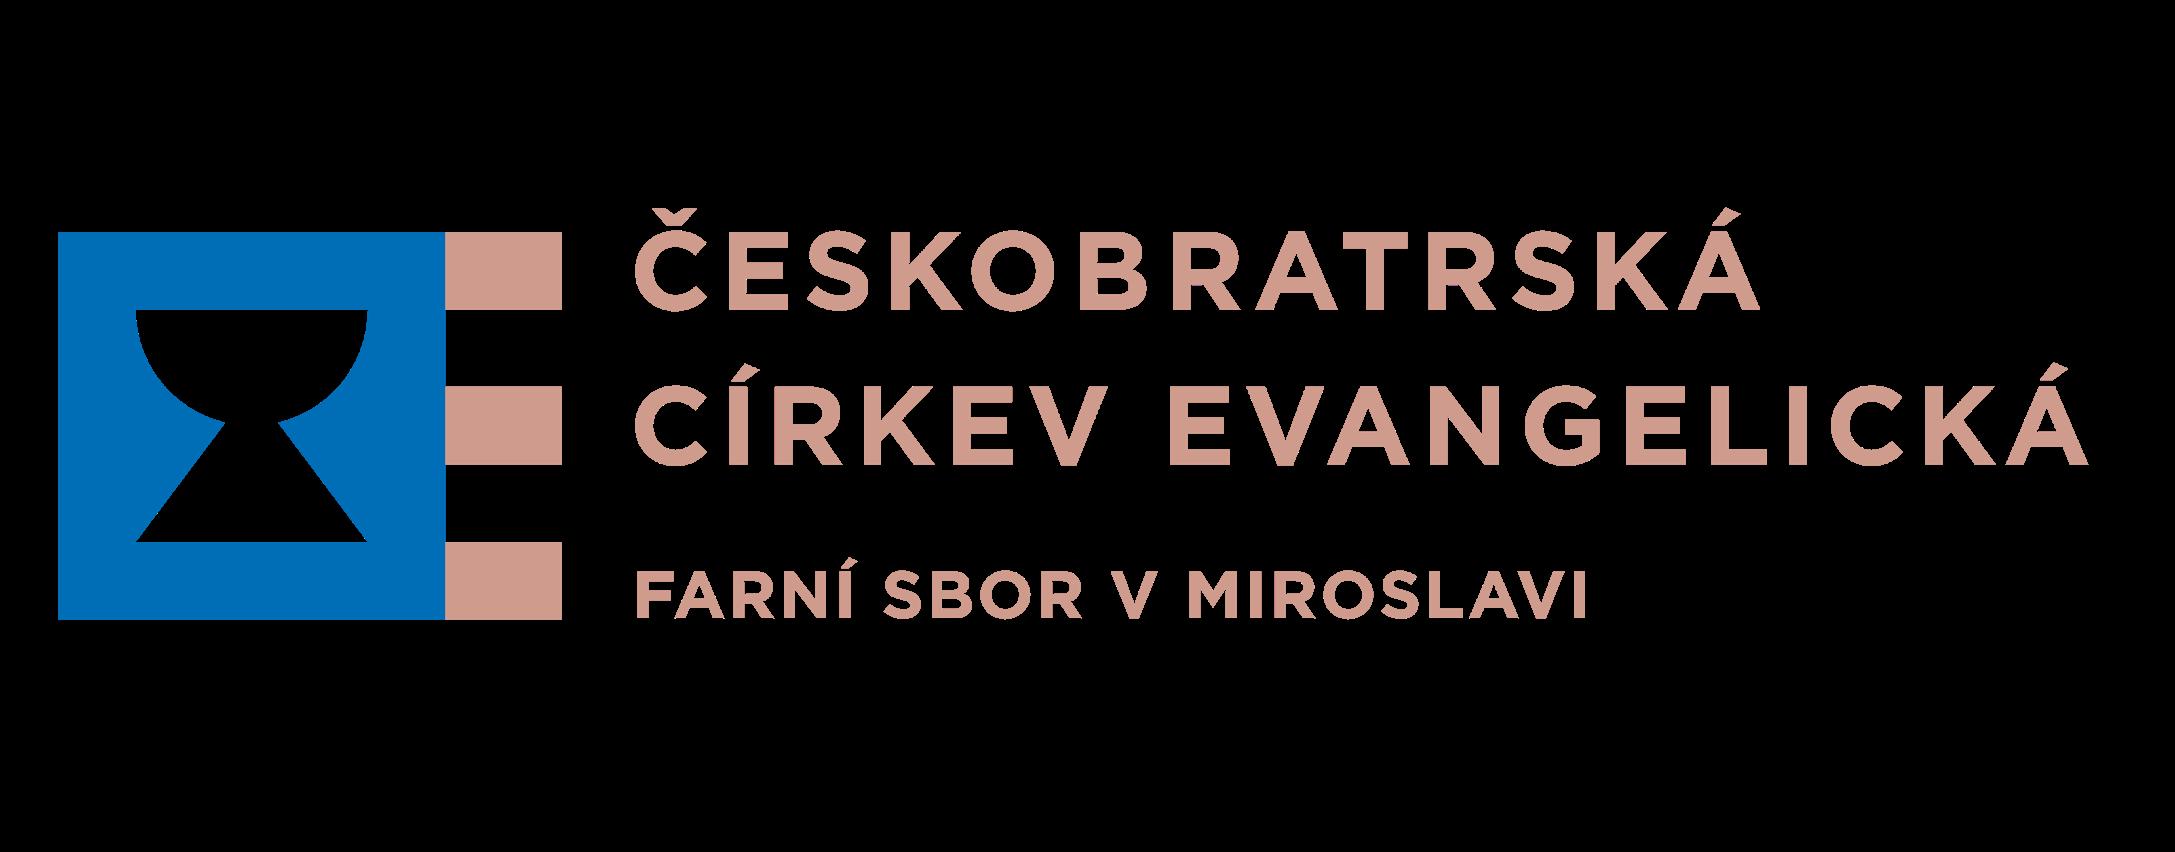 Sbor ČCE v Miroslavi